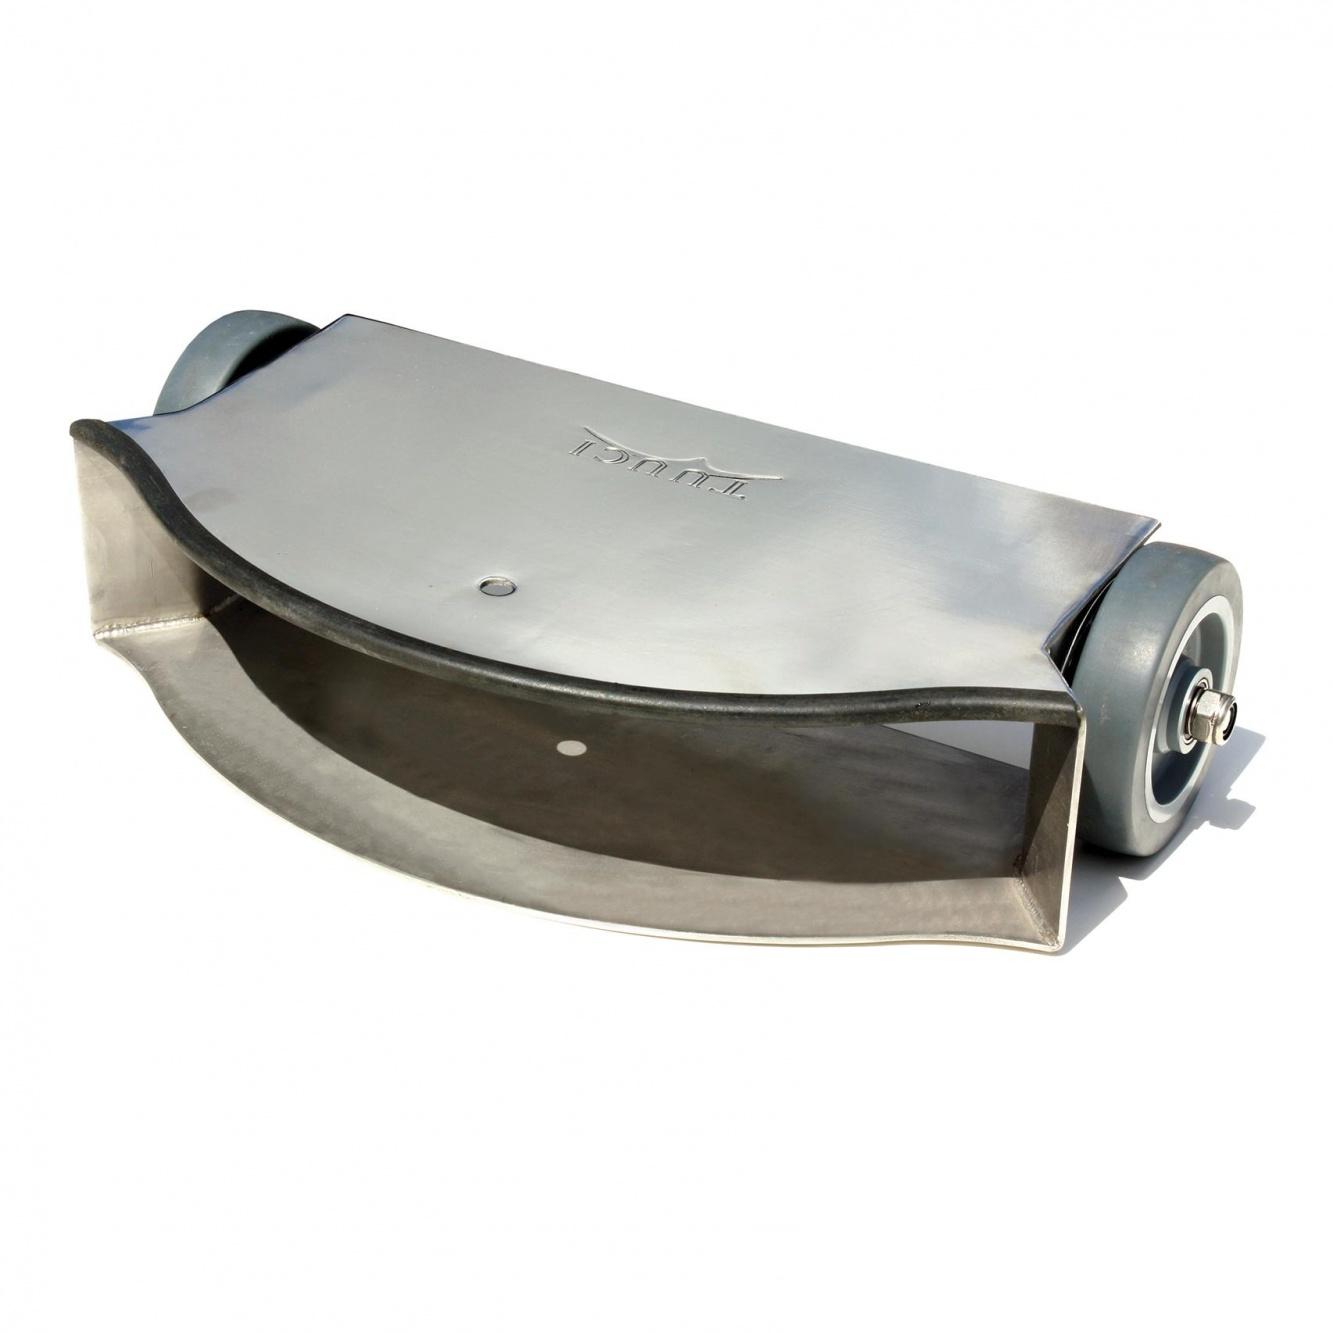 Tuuci - Rollwagen für G-Plate Schirmständer - edelstahl/für G-Plate Schirmständer/LxBxH 40|6x21|3x15cm | Garten > Sonnenschirme und Markisen > Sonnenschirmständer | Tuuci